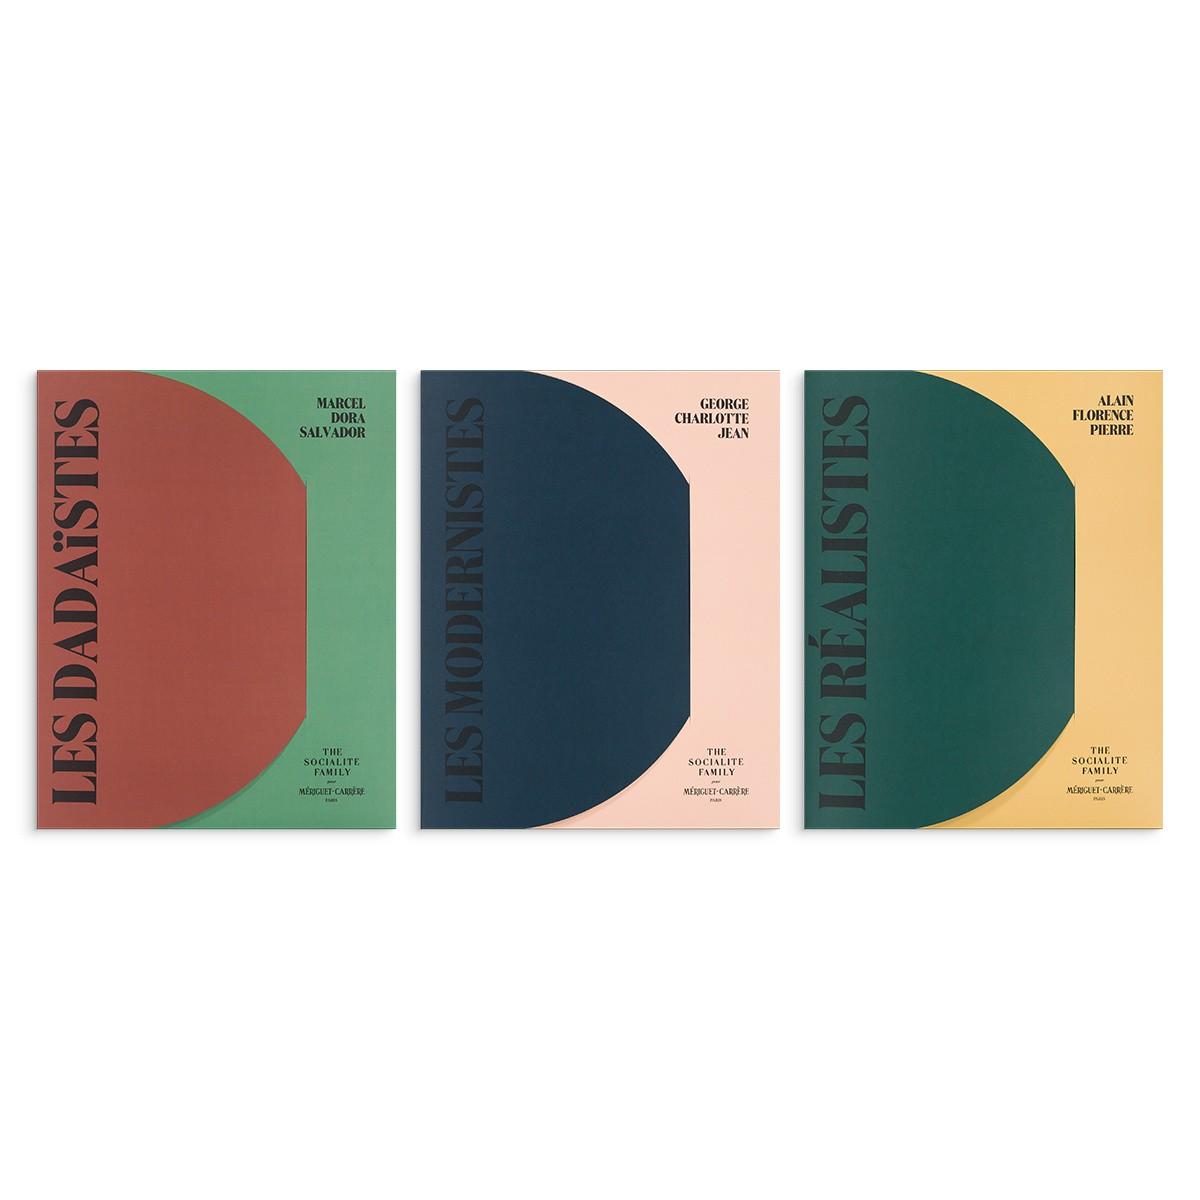 Nuancier gamme intégrale - 9 couleurs